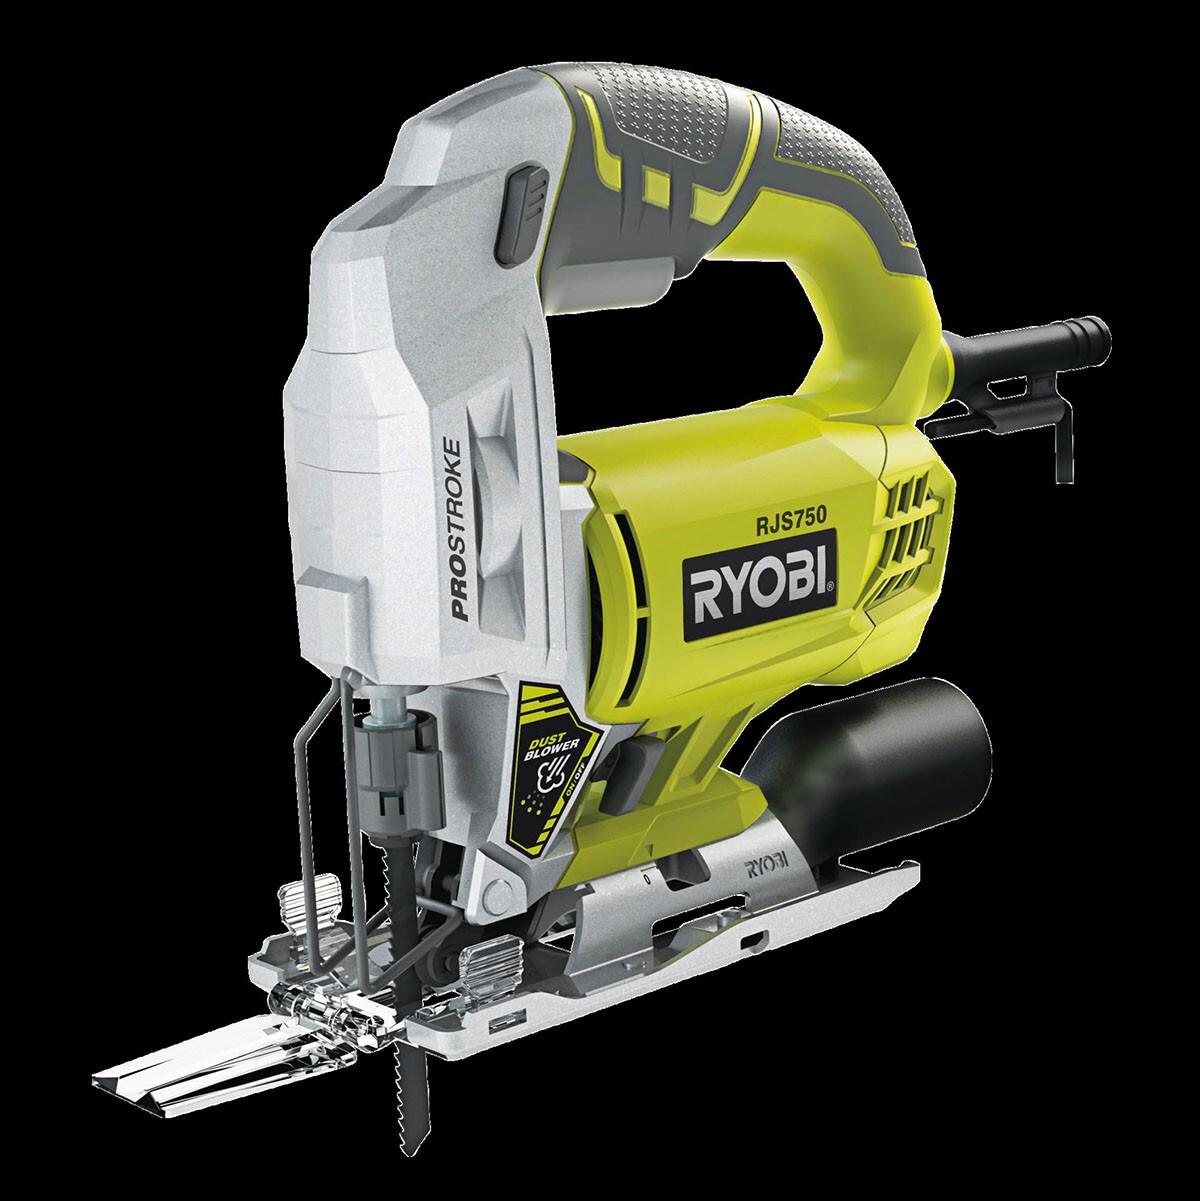 Ryobi RJS750-G Jigsaw with Line Assist 500 W